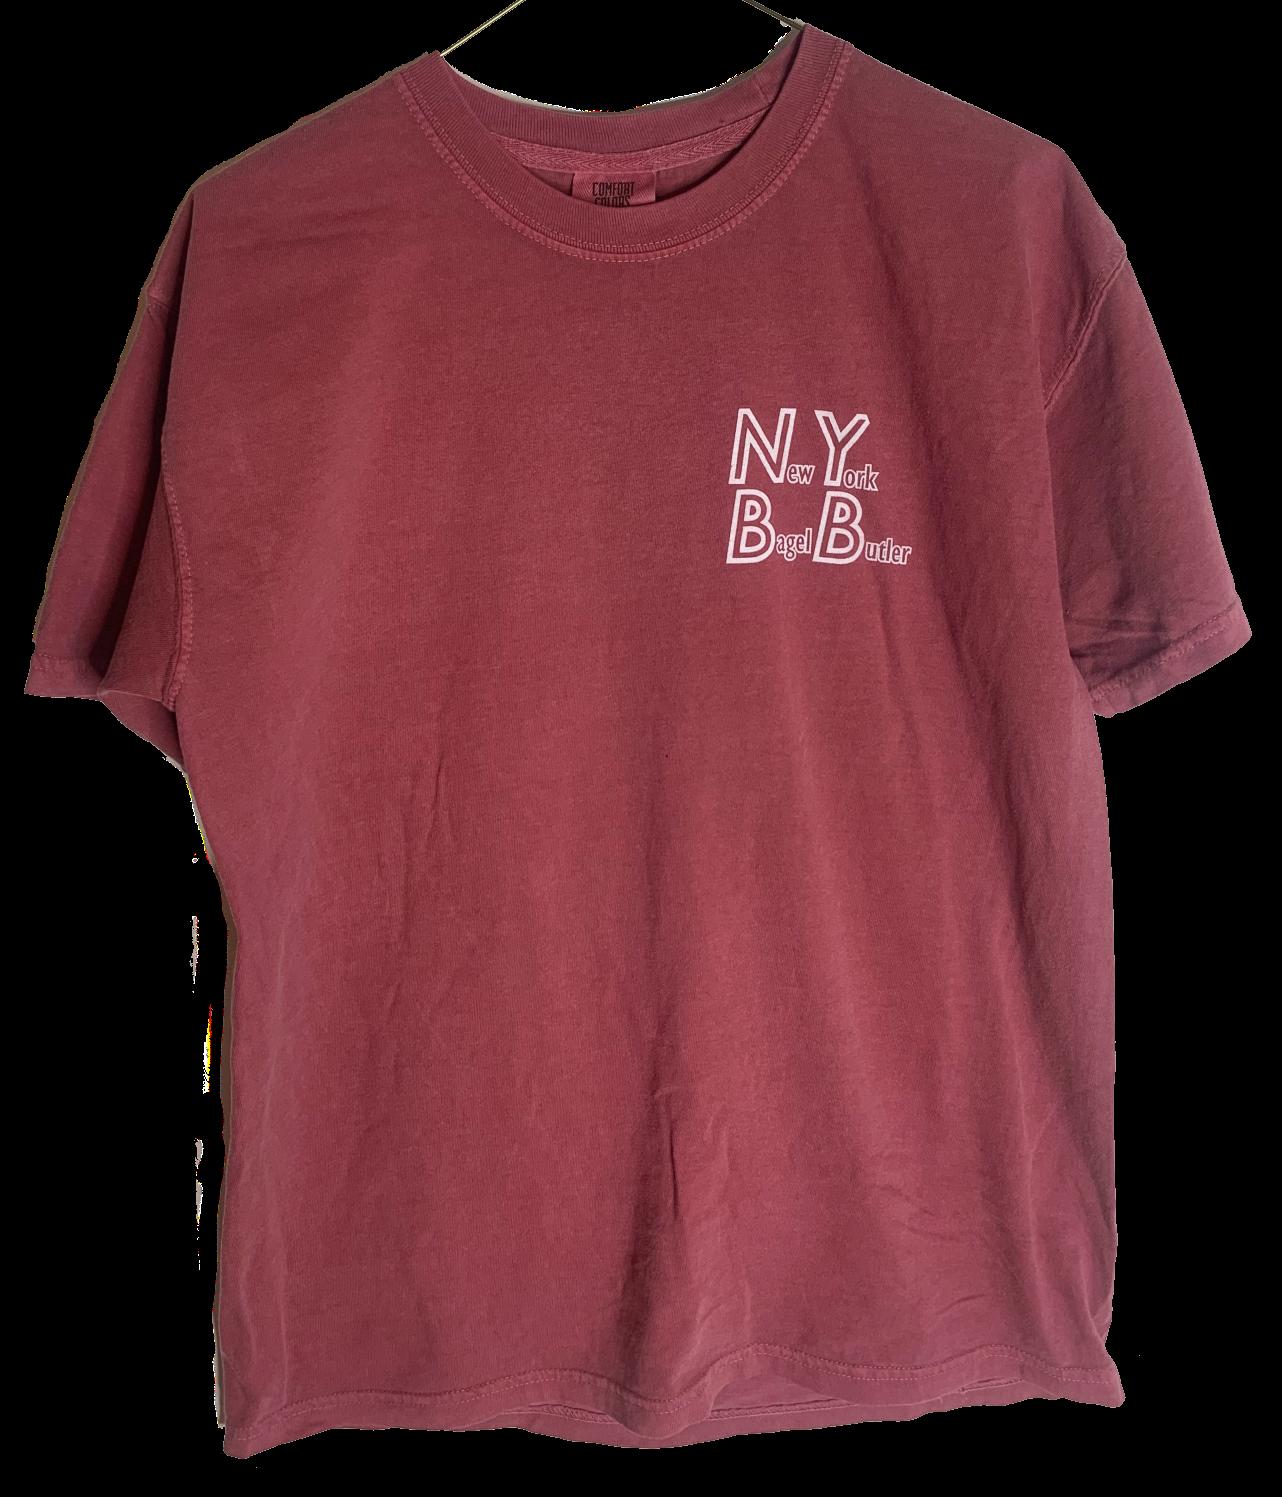 T - Shirt ($22)